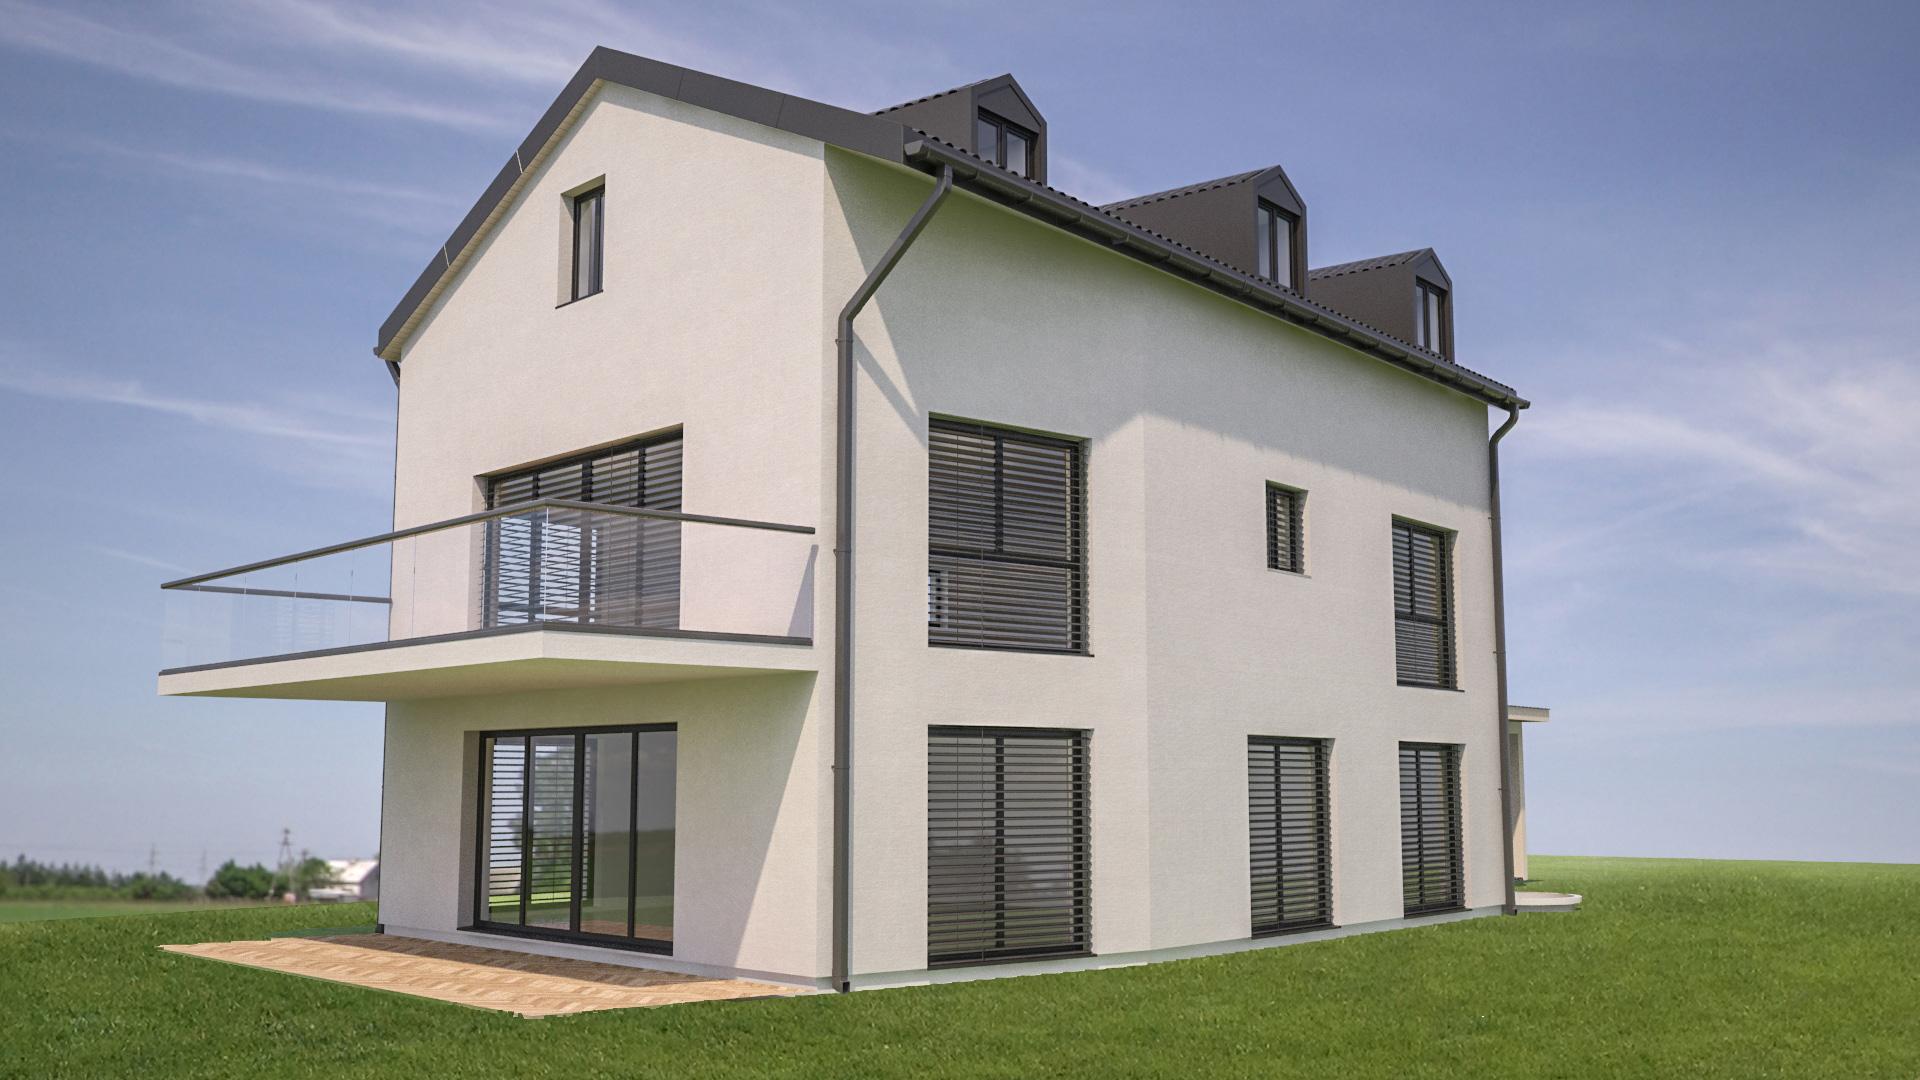 C3 Concept, visualisation 3D à Bulle. cressier villa 2 appartements extérieur